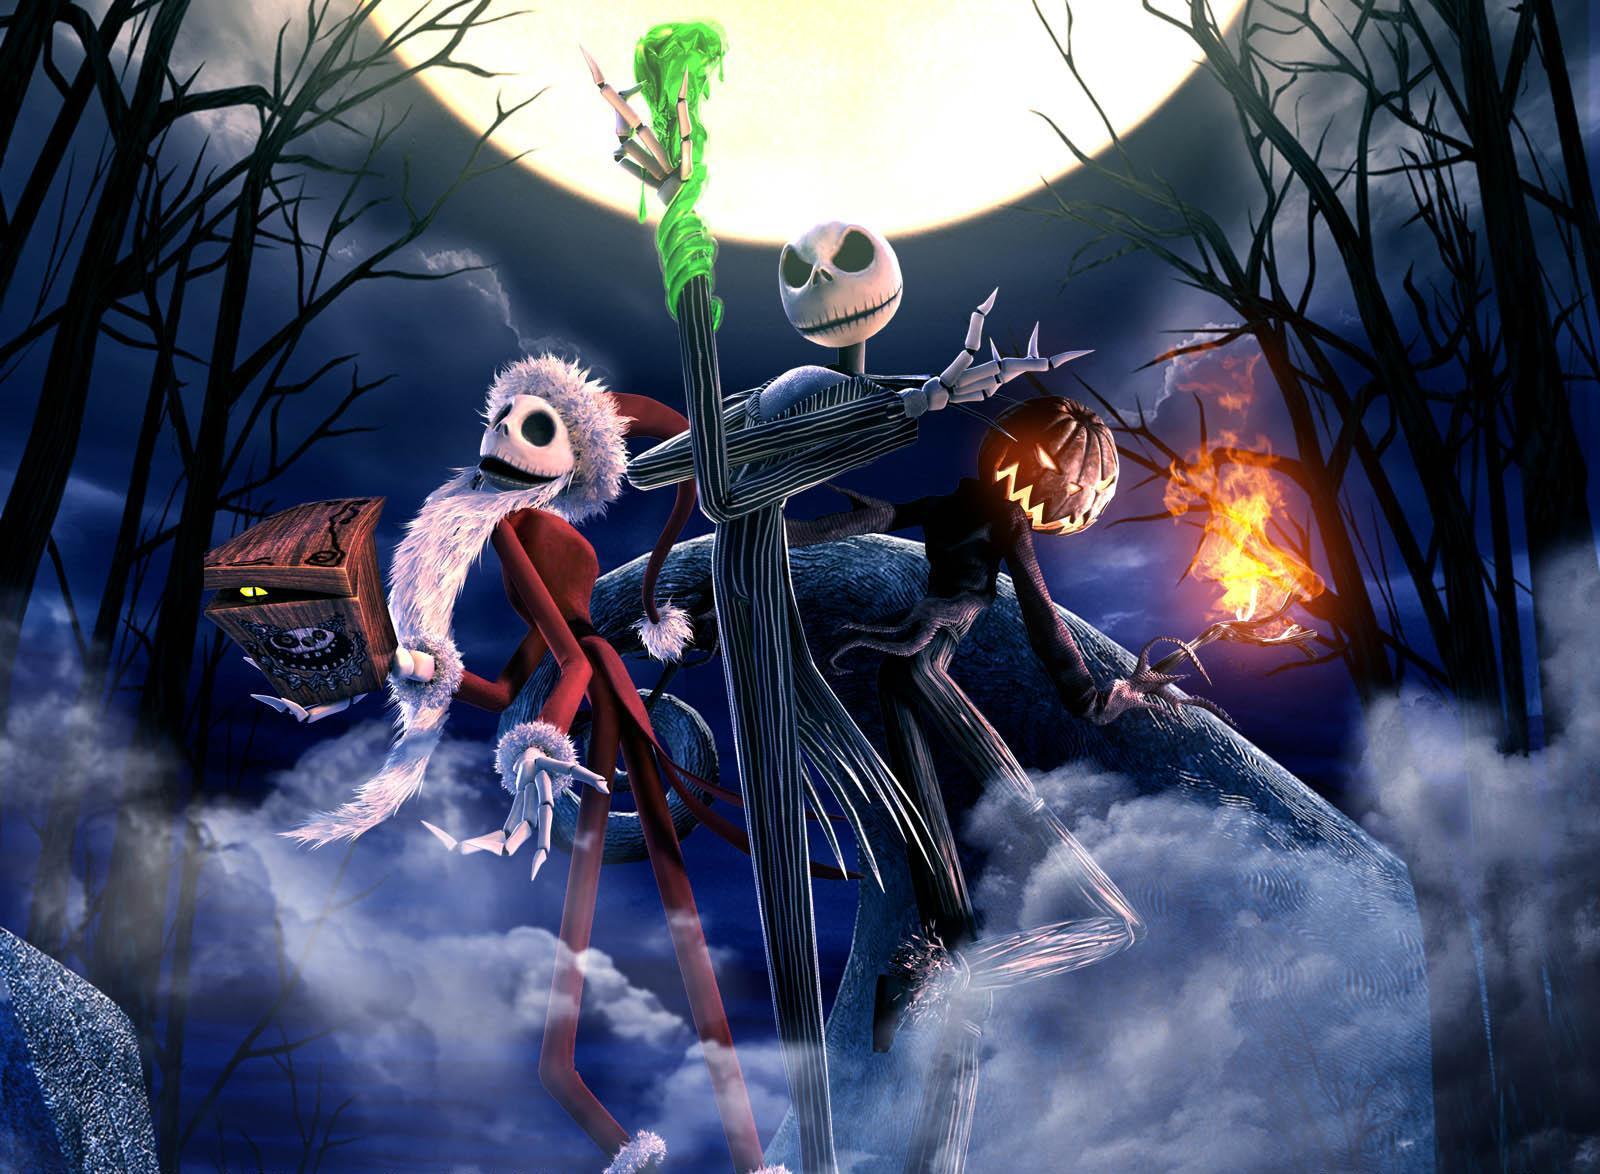 Nightmare Before Christmas by Stifler41